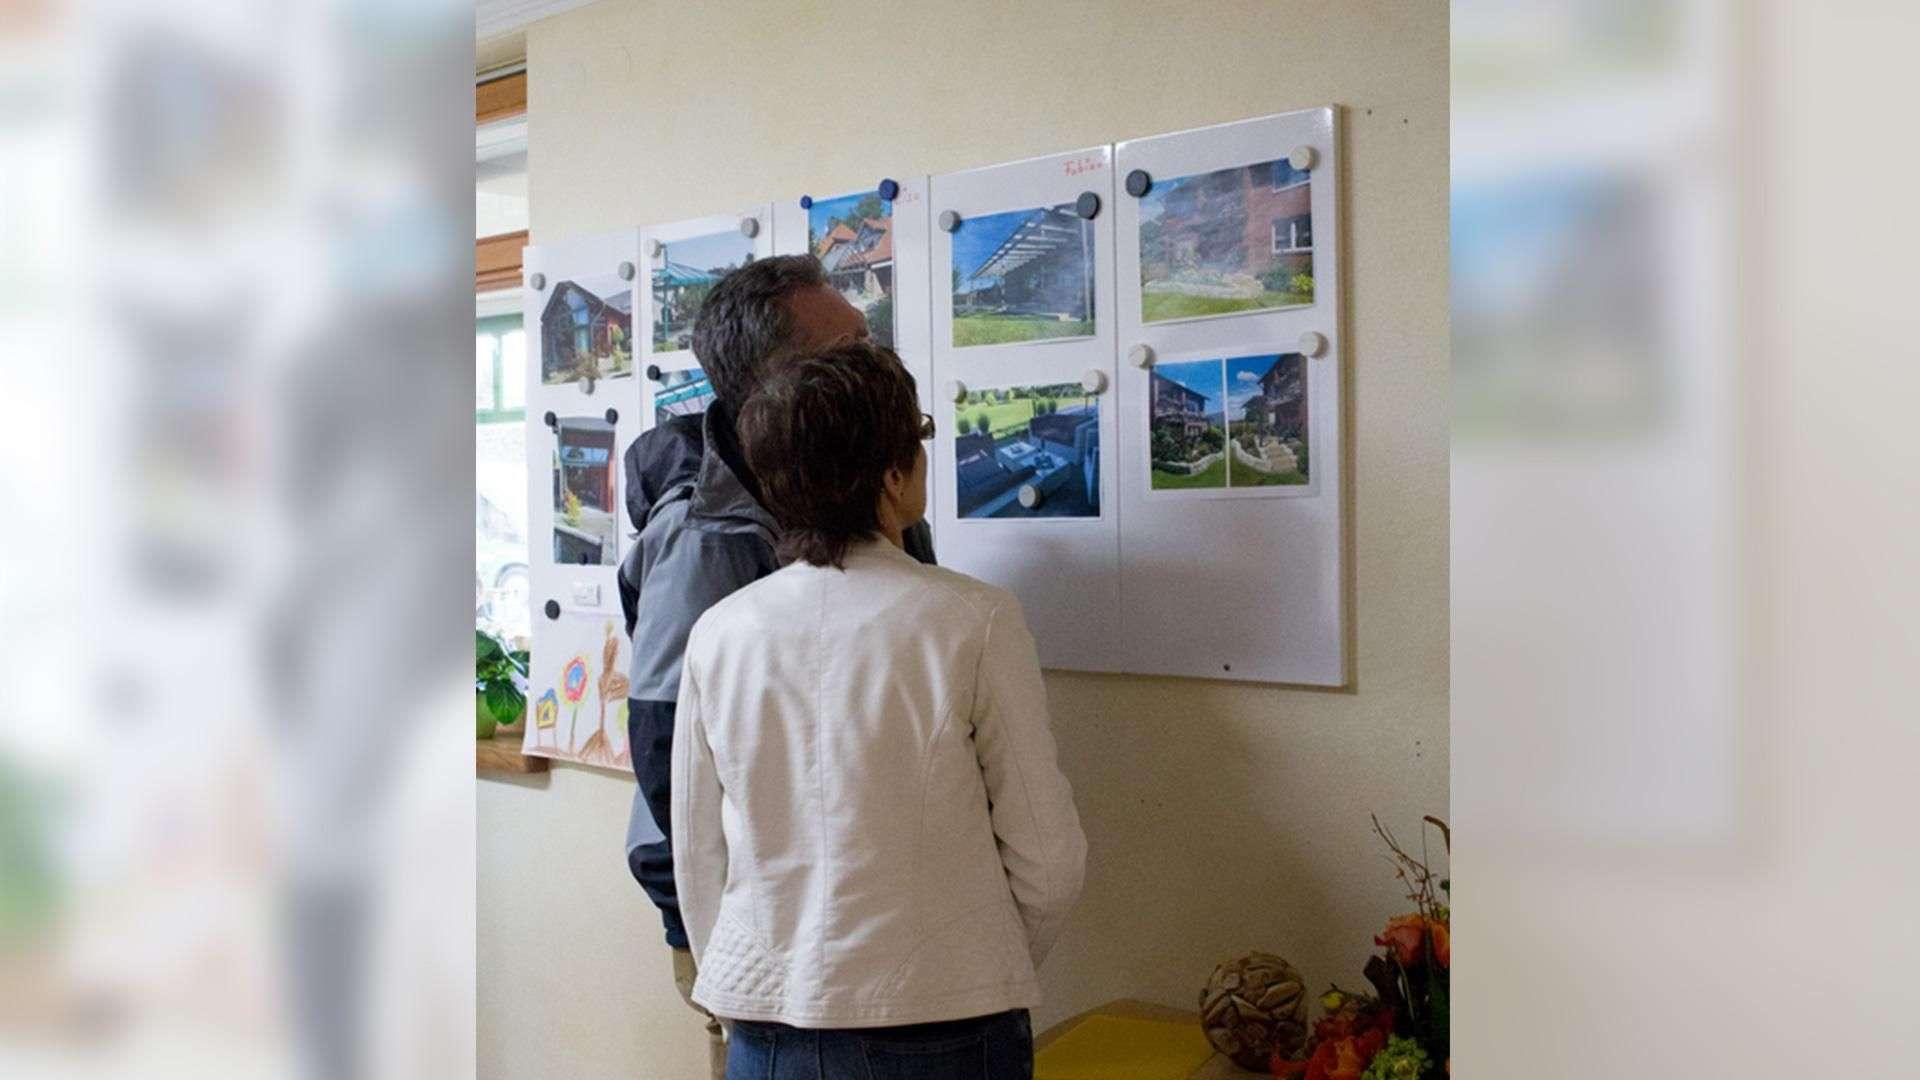 zwei Personen gucken sich in der Ausstellung der Tischlerei Gleue in Lindwedel Bilder an der Wand an